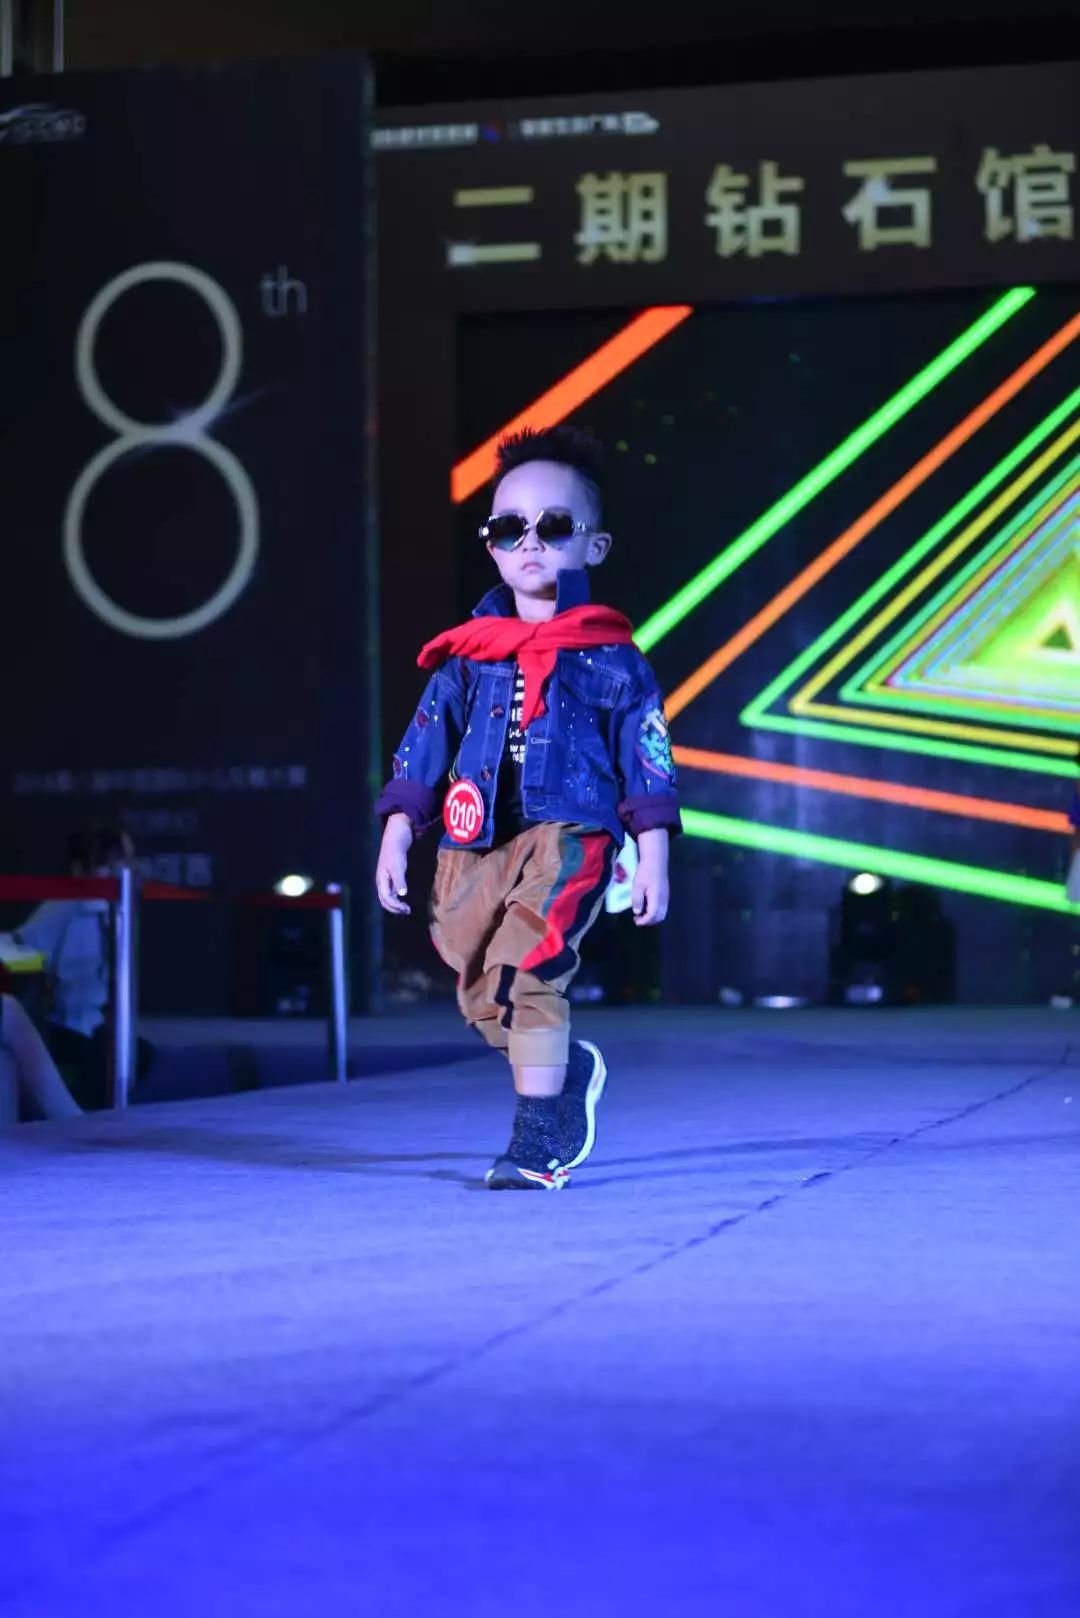 【必读】参加少儿模特大赛的重要性!